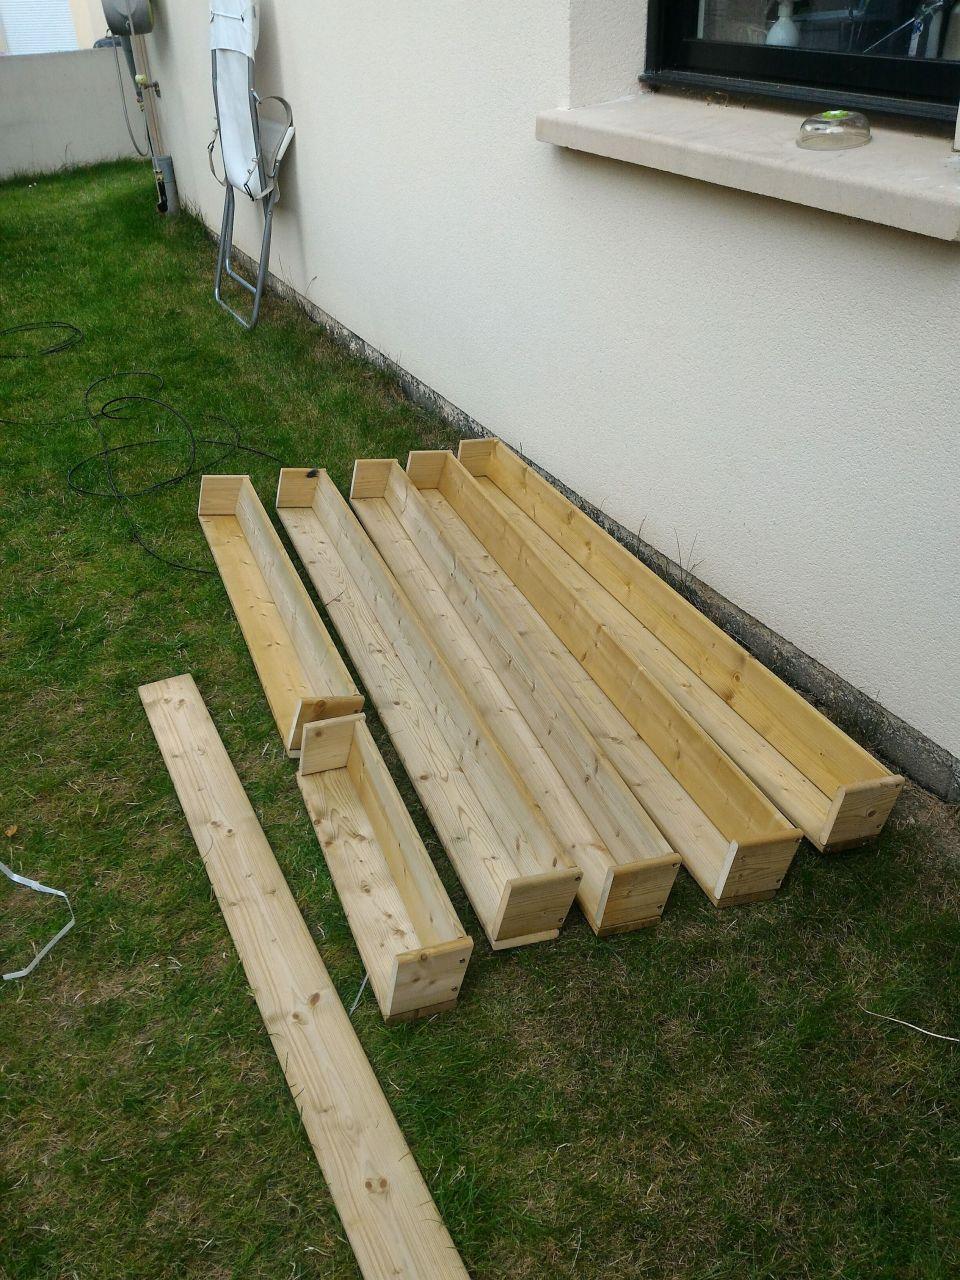 Panneaux bois pour cacher la haie partiellement morte